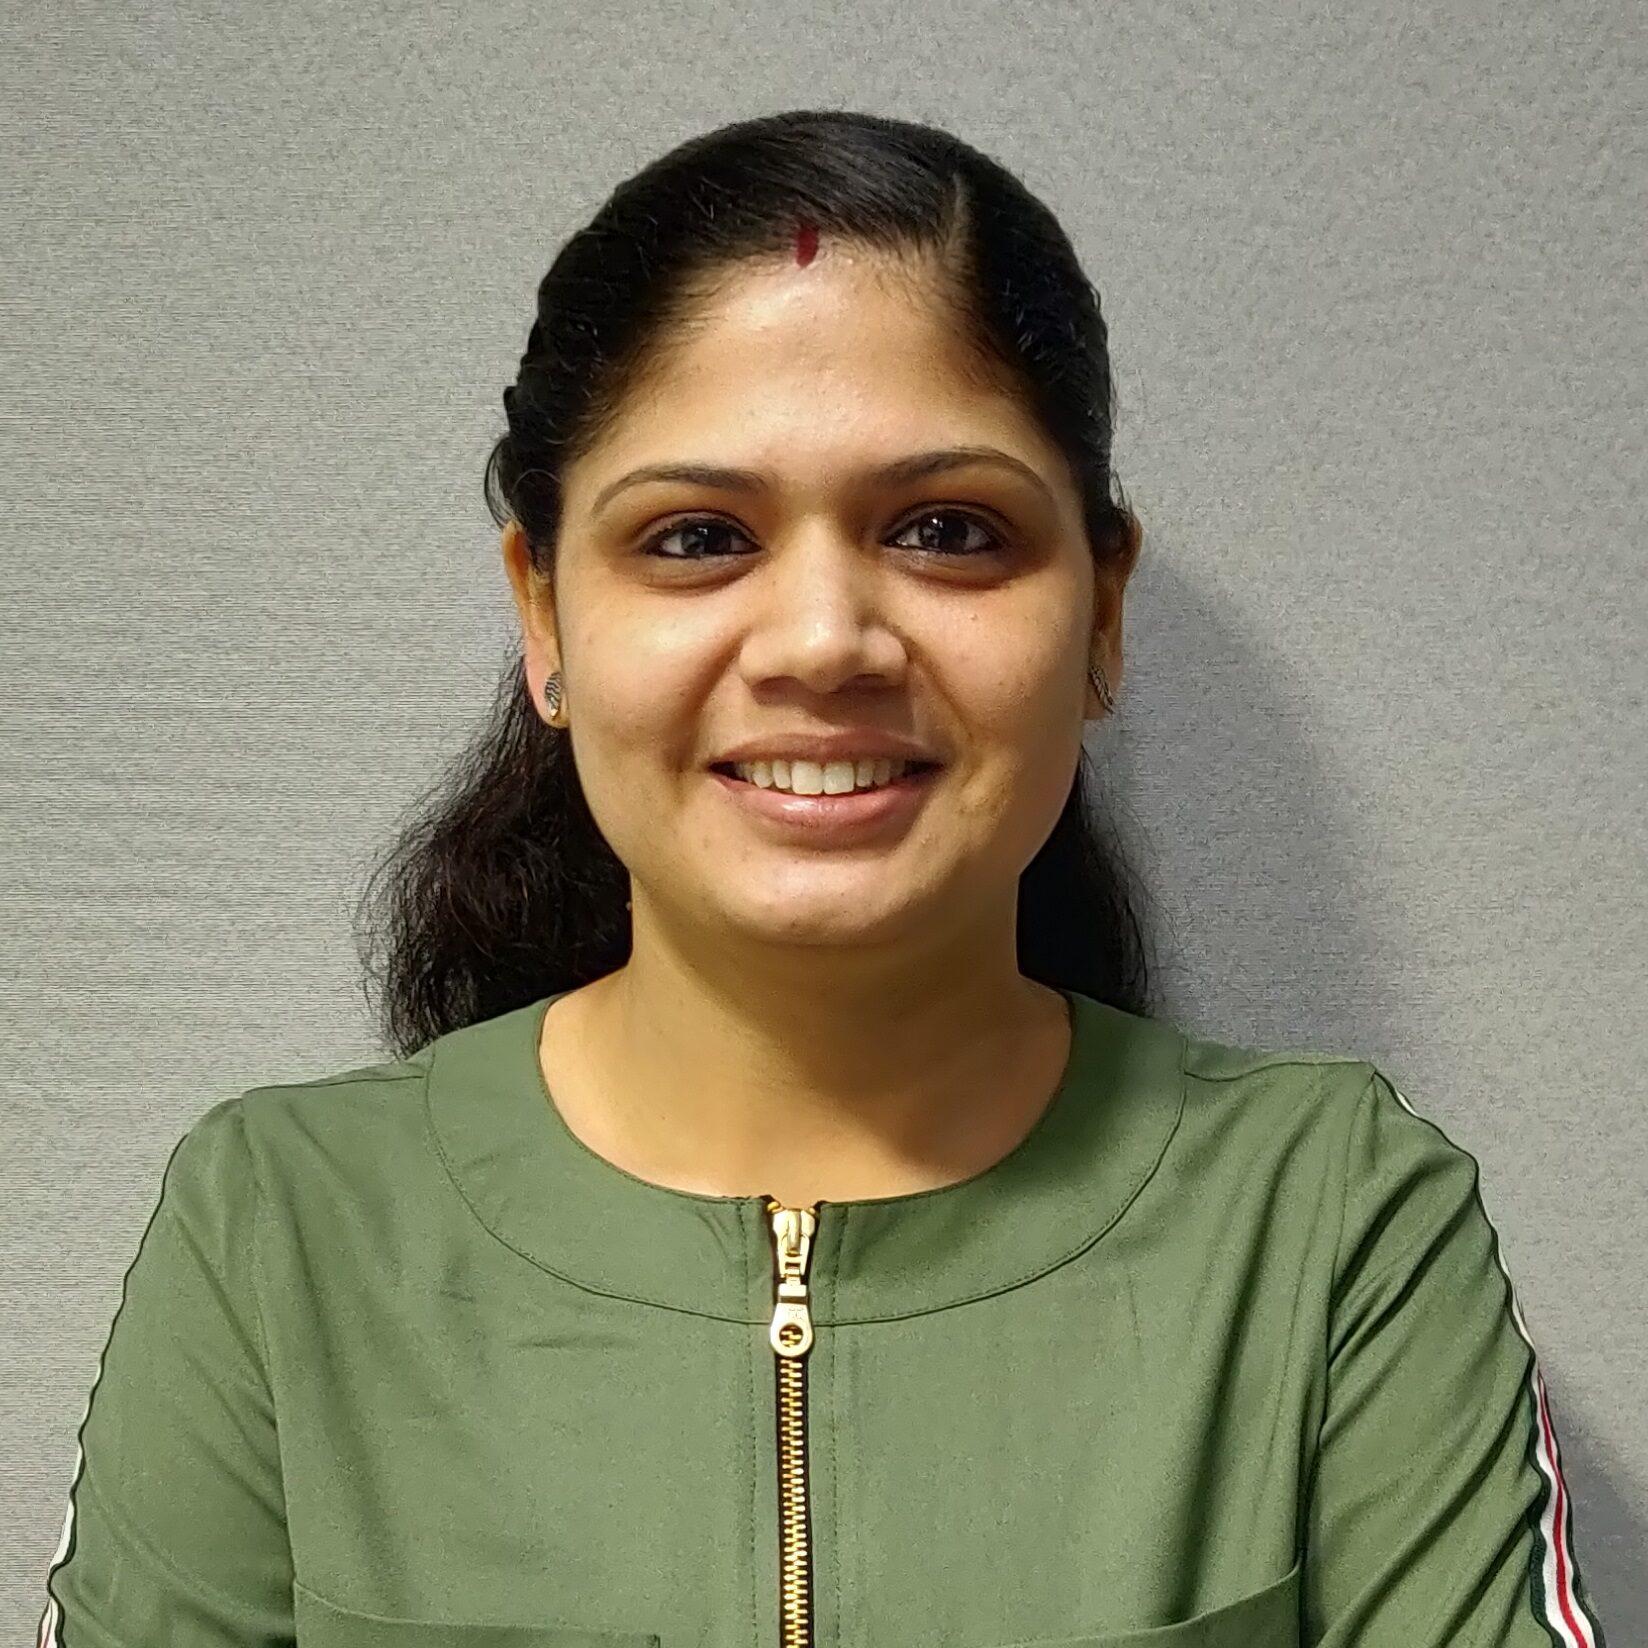 Ms. Tripti Panwar